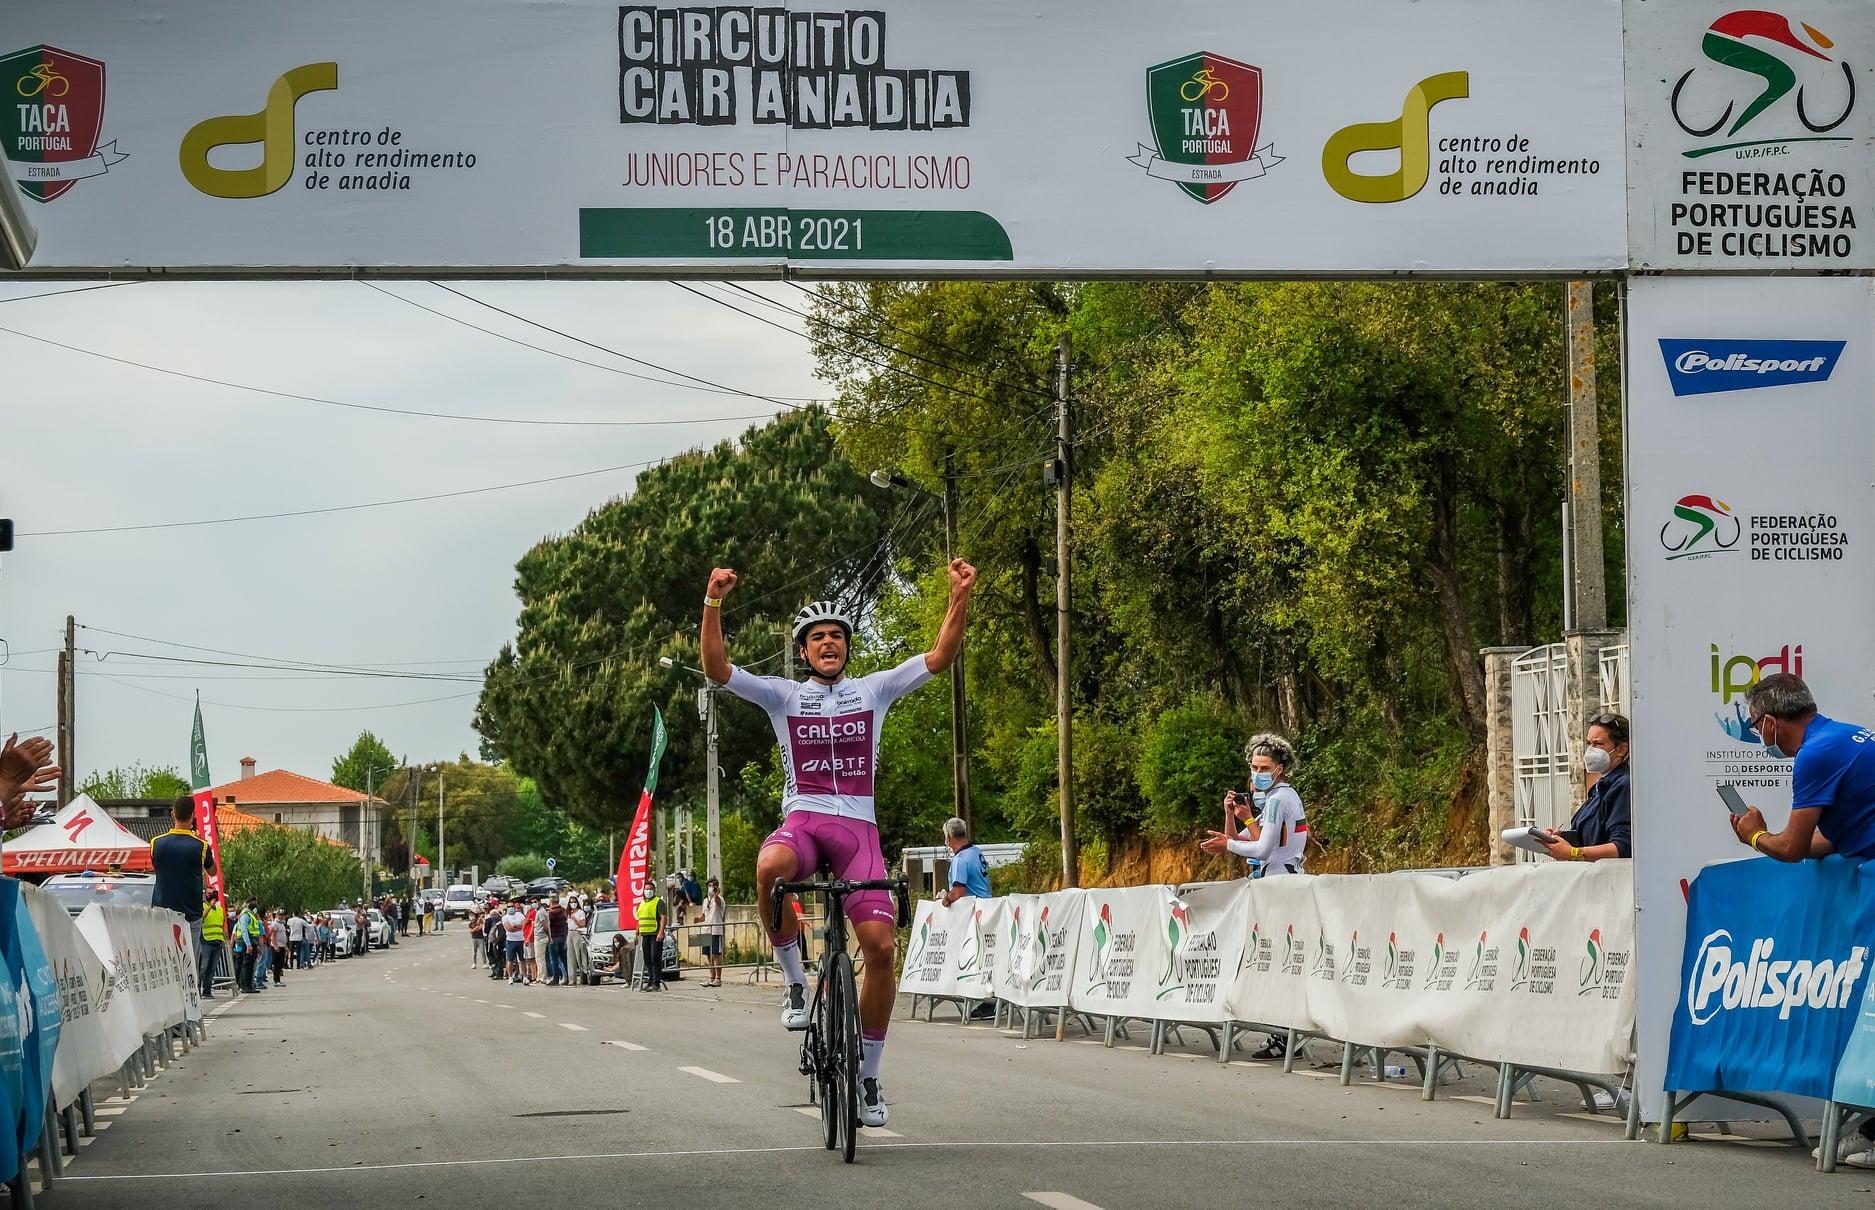 António Morgado conquista o Circuito CAR Anadia na 1ª Prova da Taça de Portugal de Juniores!